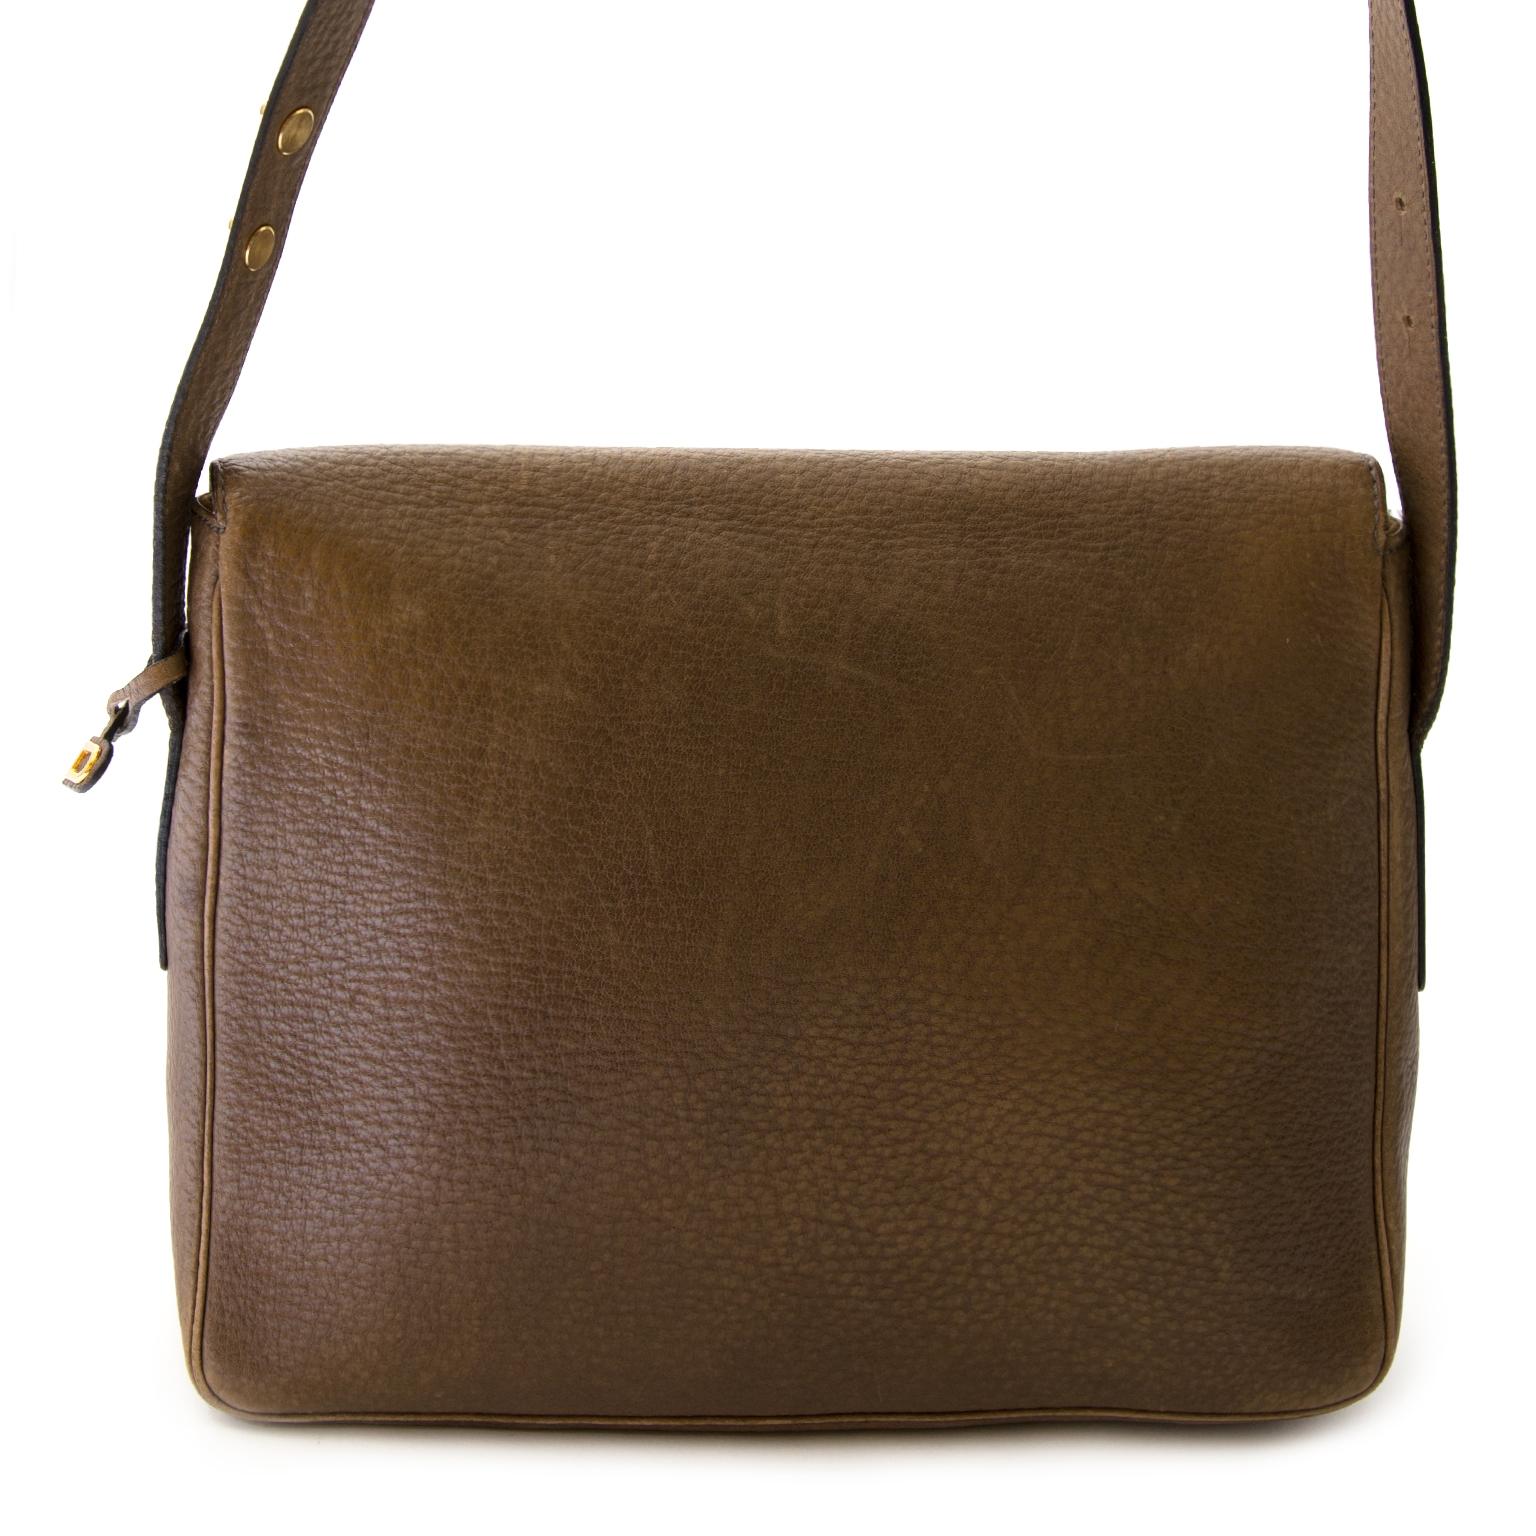 64818f592116 ... authentique Delvaux Taupe Leather Crossbody Bag en vendre chez labellov